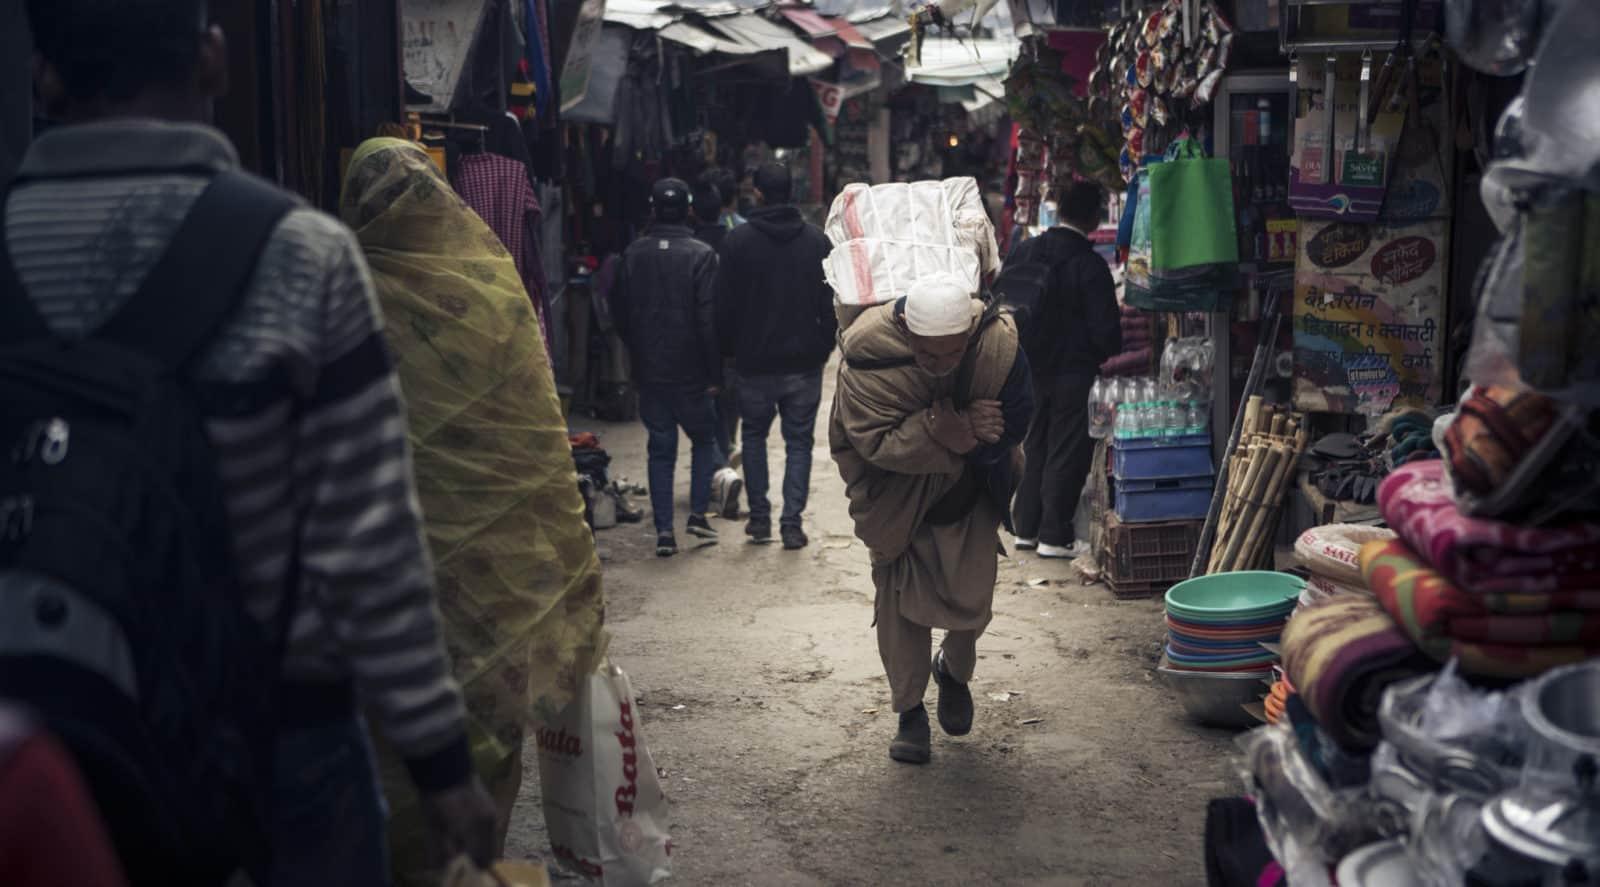 obchodnik nesuci svoj tovar na trh, Shimla, India, patrikpaulinyi